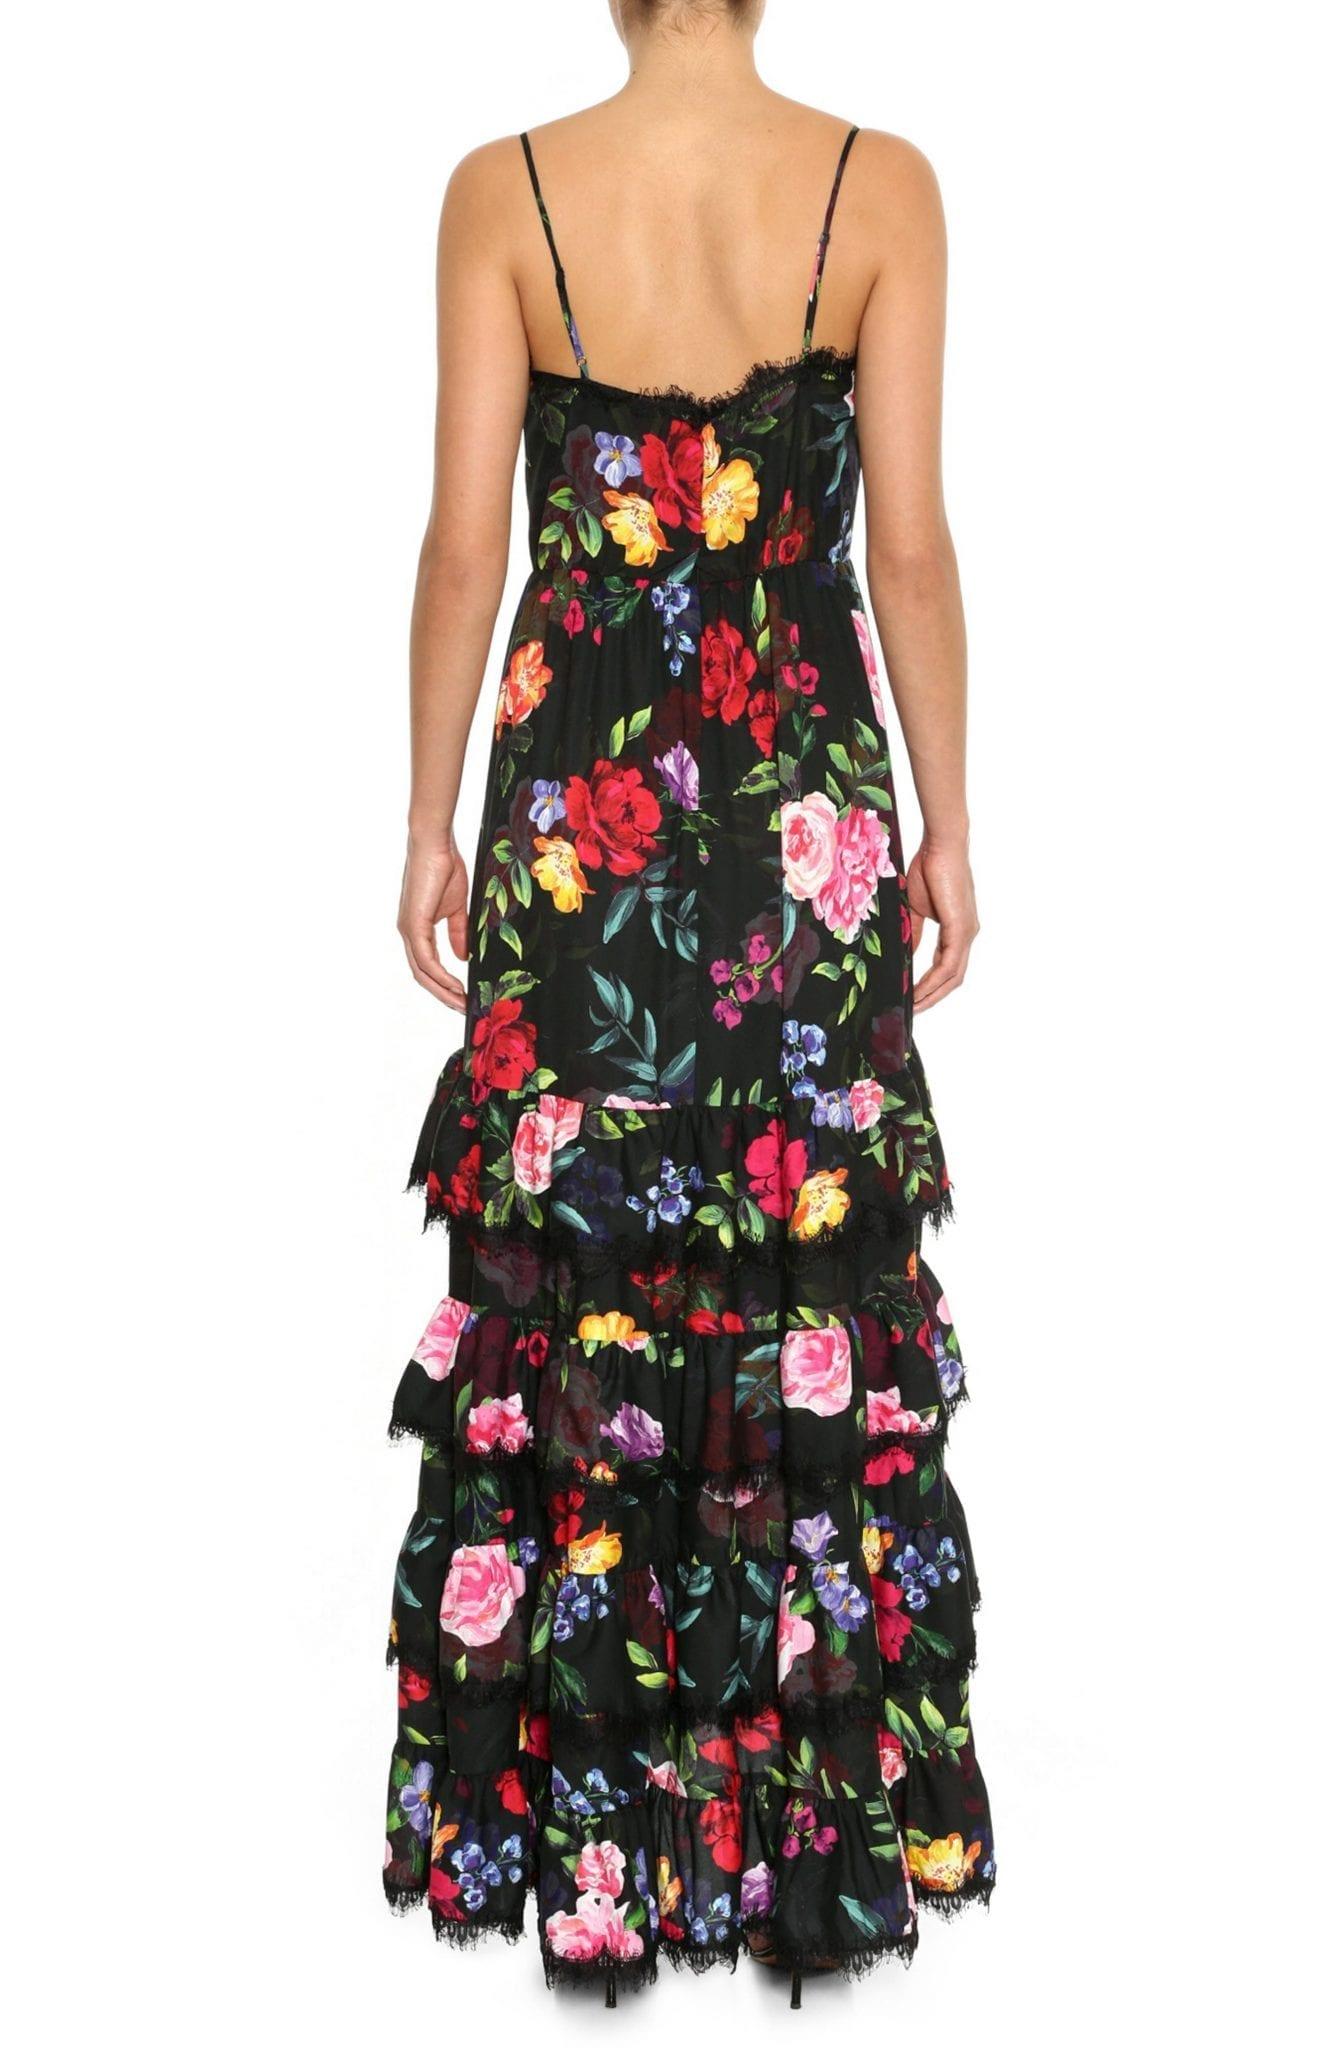 MARCHESA NOTTE Floral Print Crepe Maxi Dress